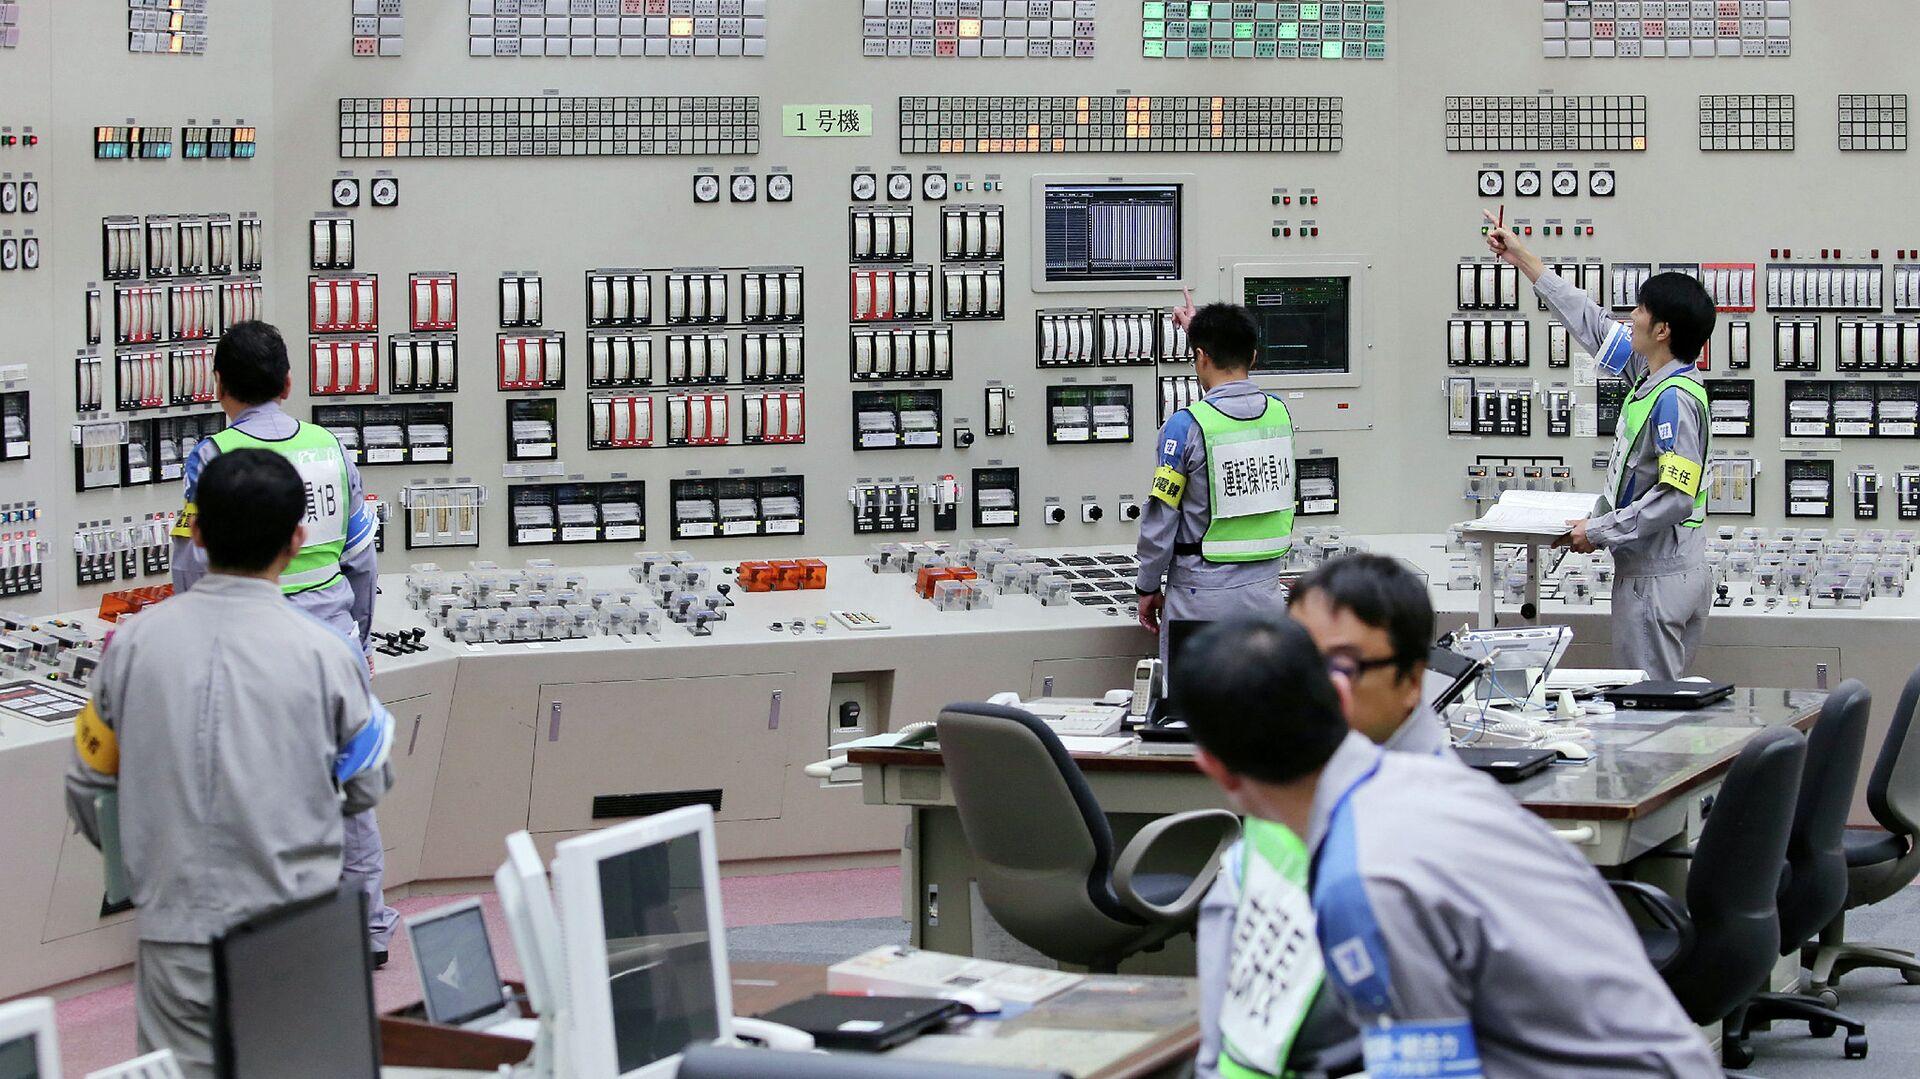 Перезапуск первого реактора АЭС Сэндай в Японии - РИА Новости, 1920, 11.11.2020